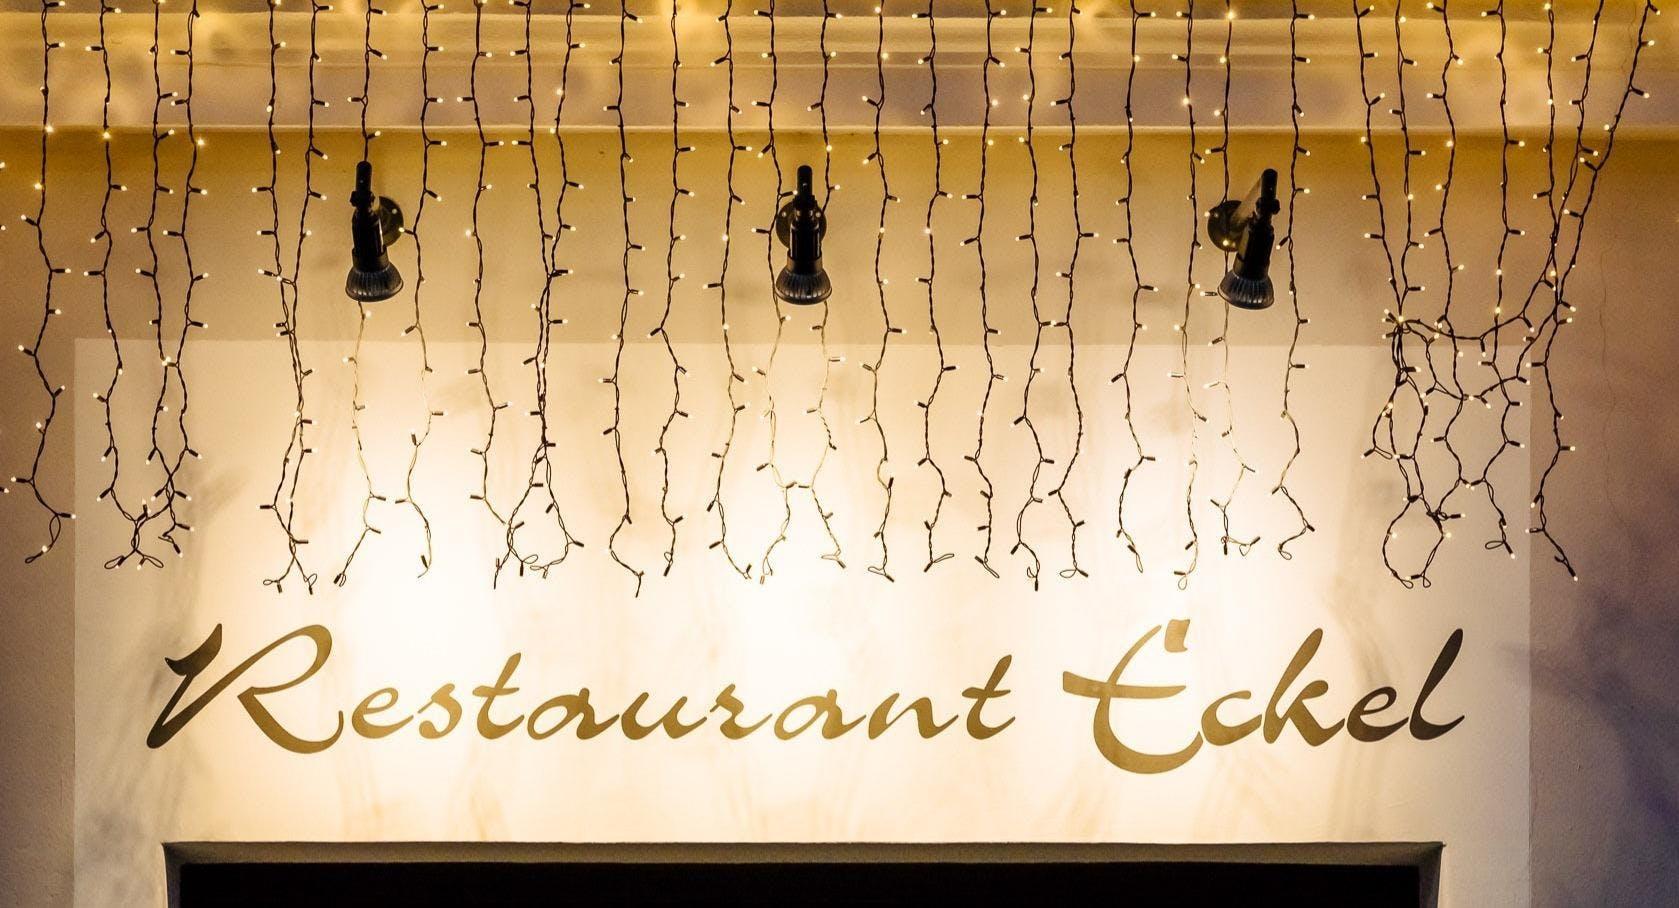 Restaurant Eckel Vienna image 1